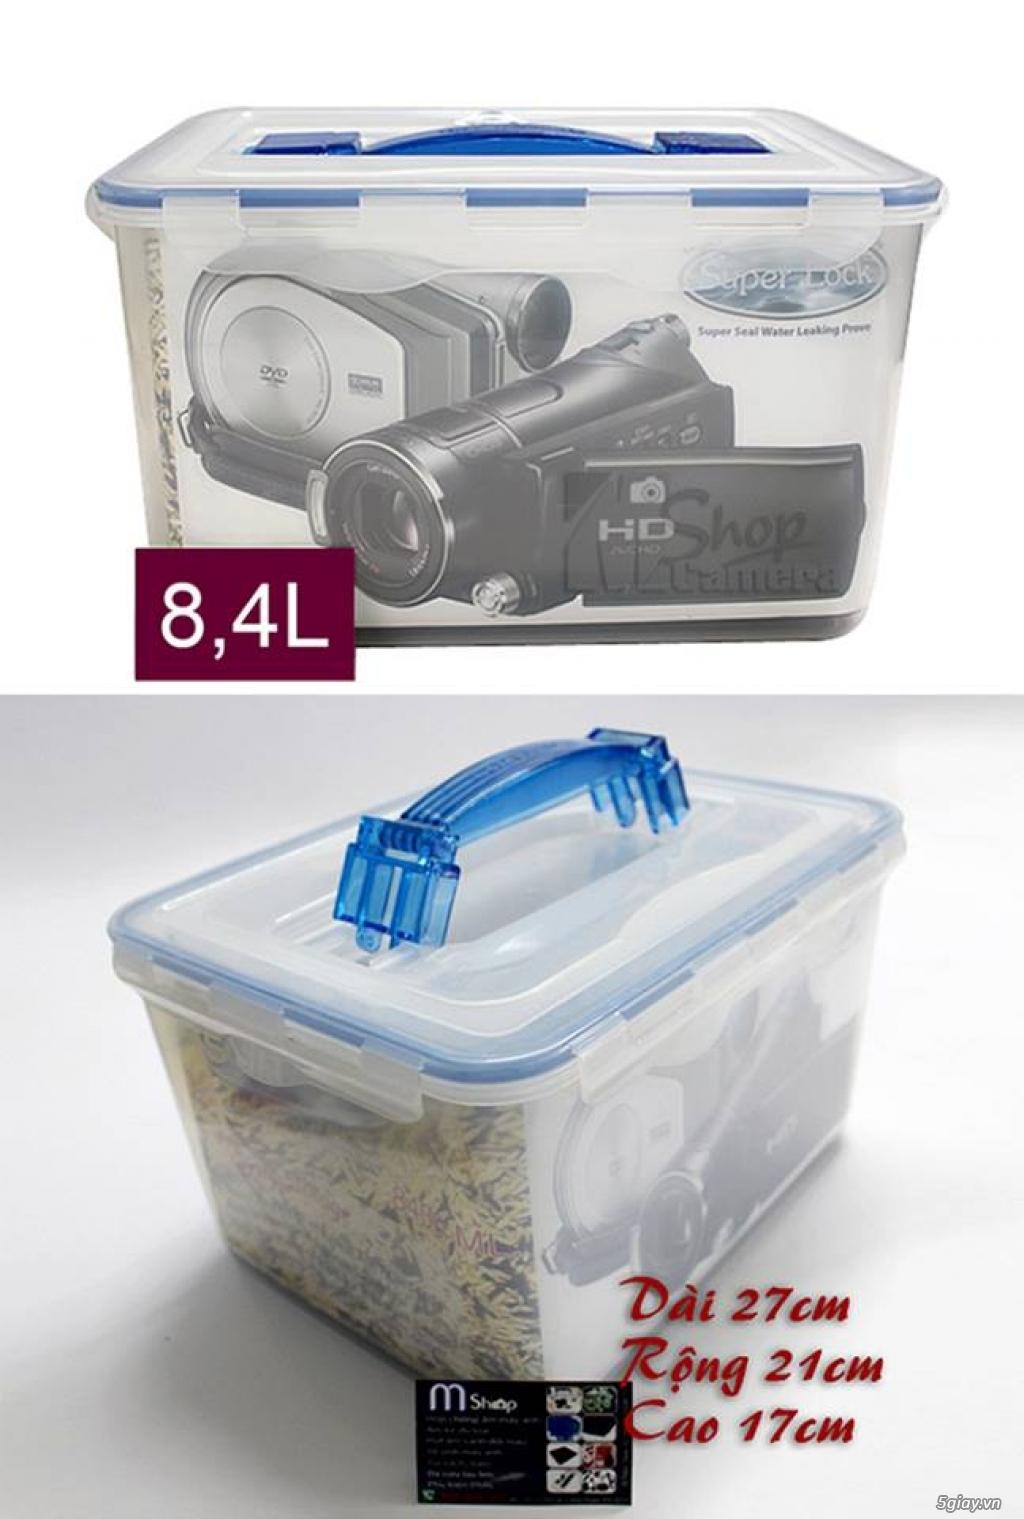 [mshopcamera] hộp chống ẩm, hạt hút ẩm (xanh, trắng), ẩm kế cơ, điện tử, mút chống sốc - giá rẻ !!! - 10